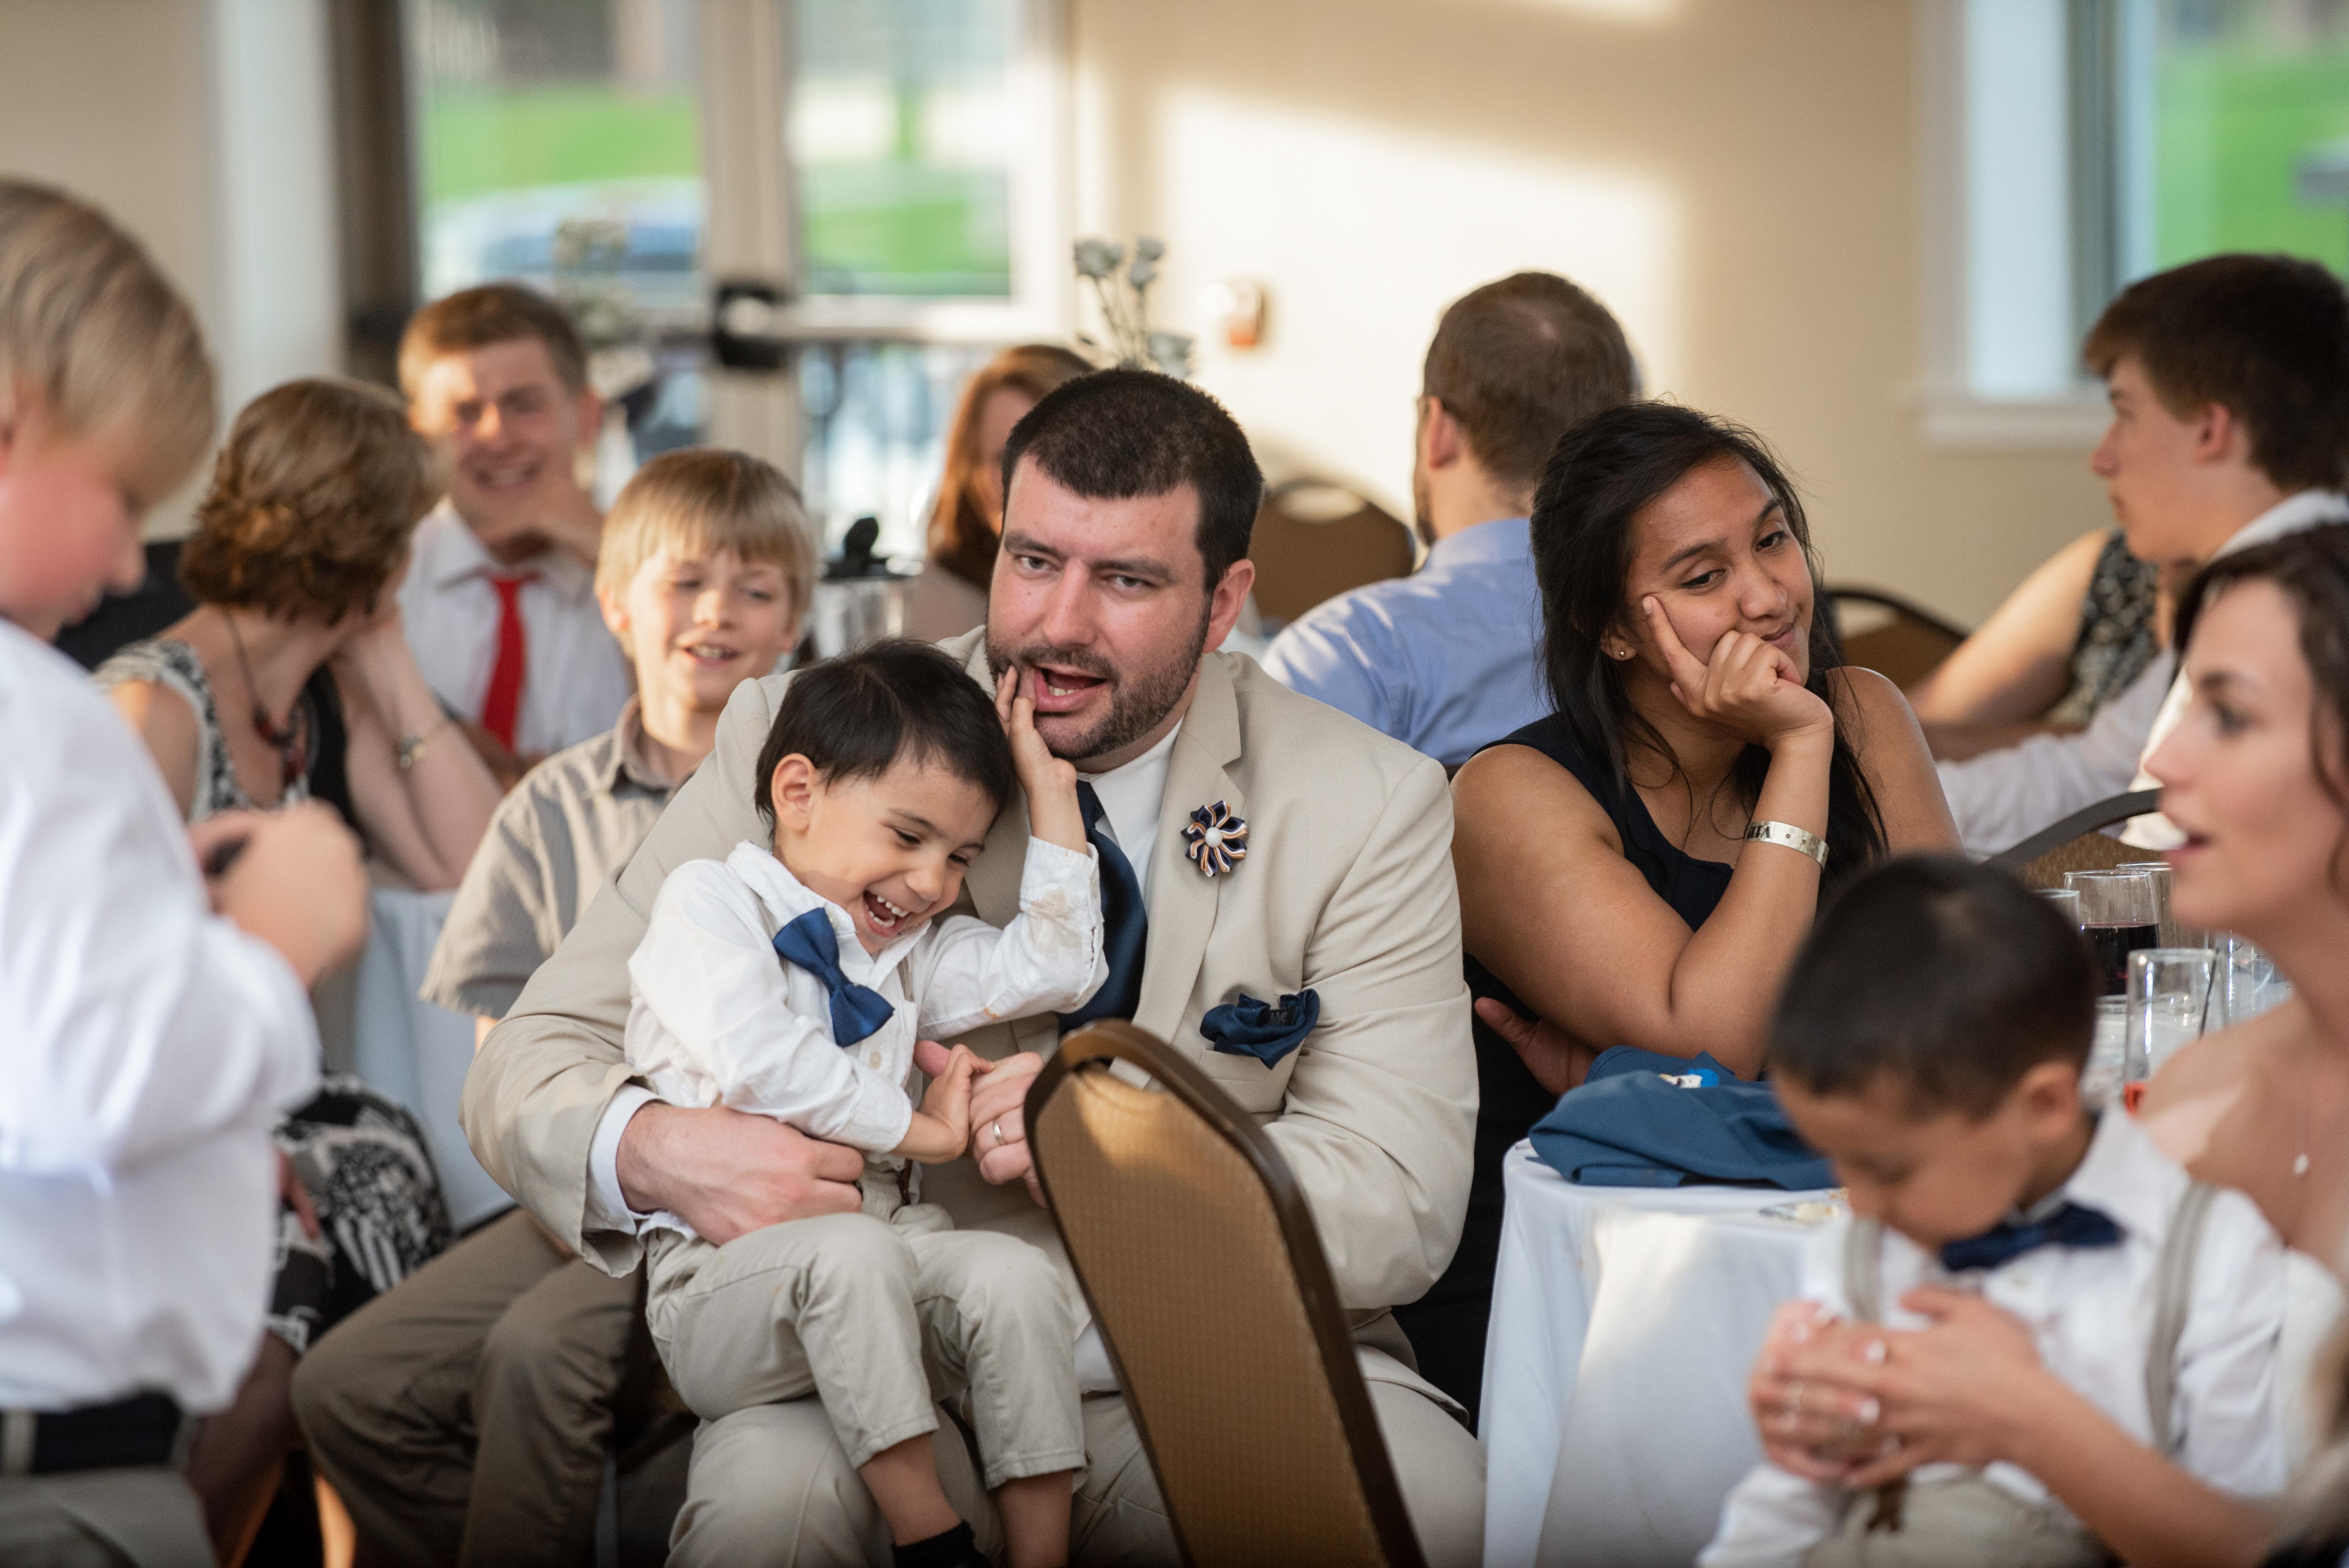 Milwaukee Wedding Photography-Jadon Good Photography_120